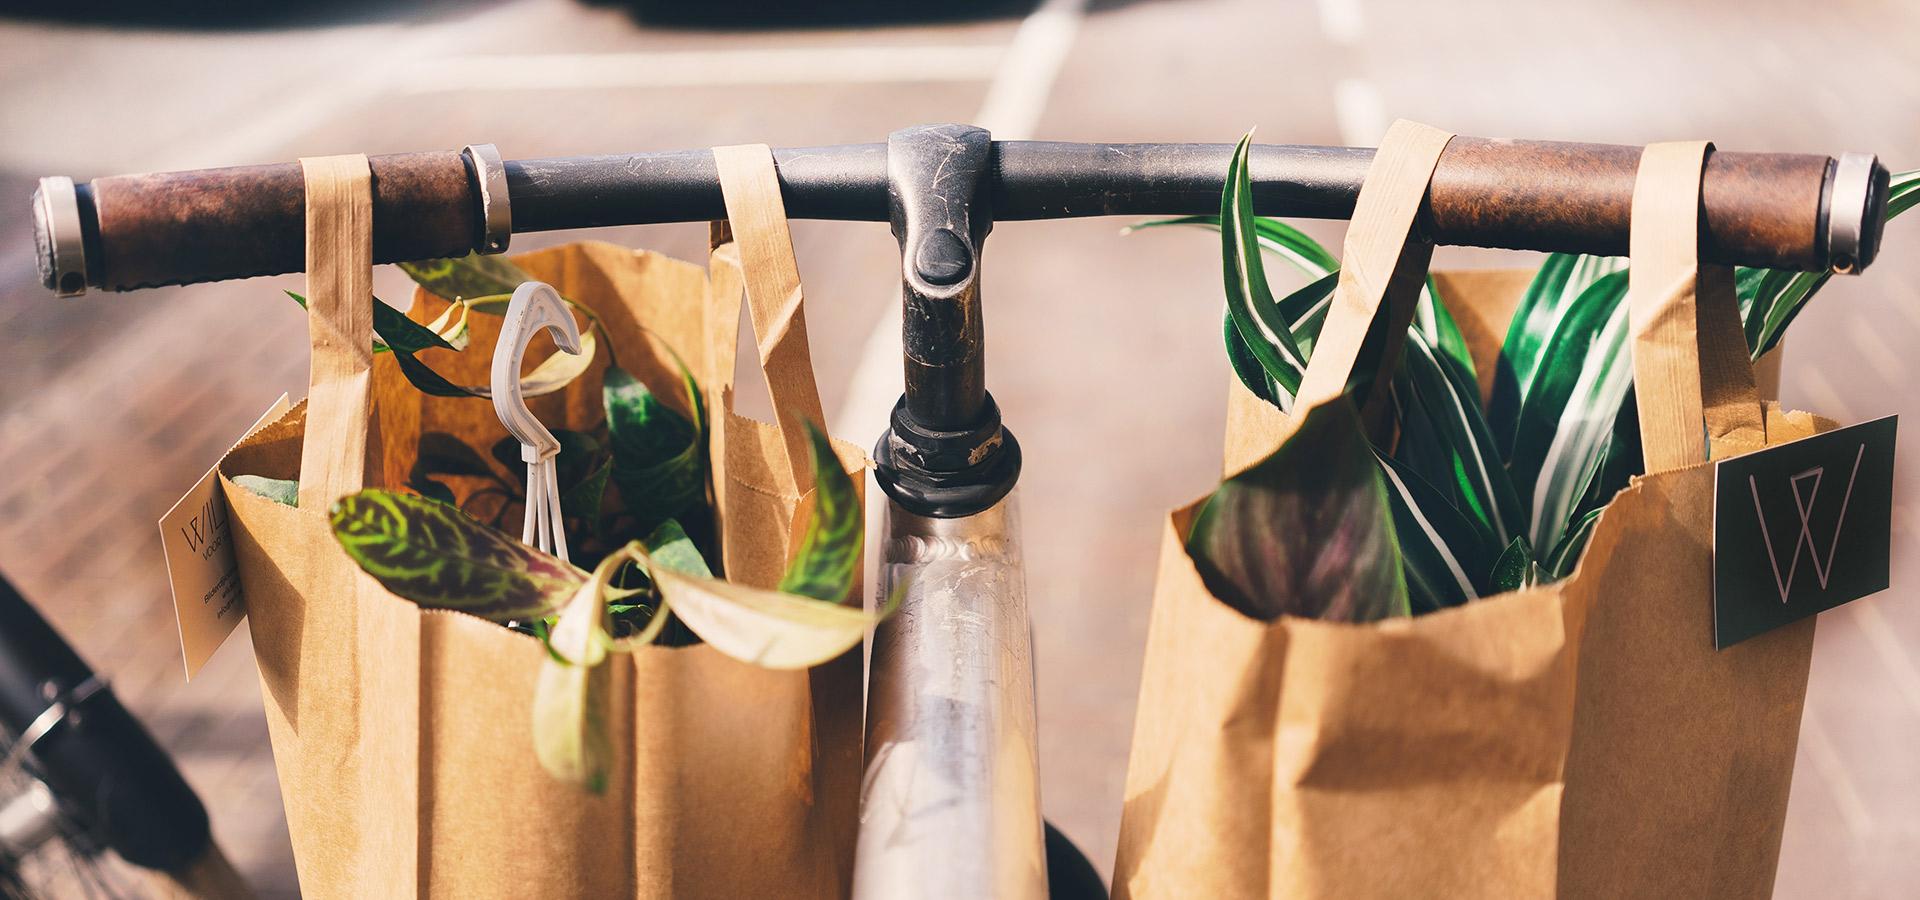 Cykel med påsar med växter hängande från styret